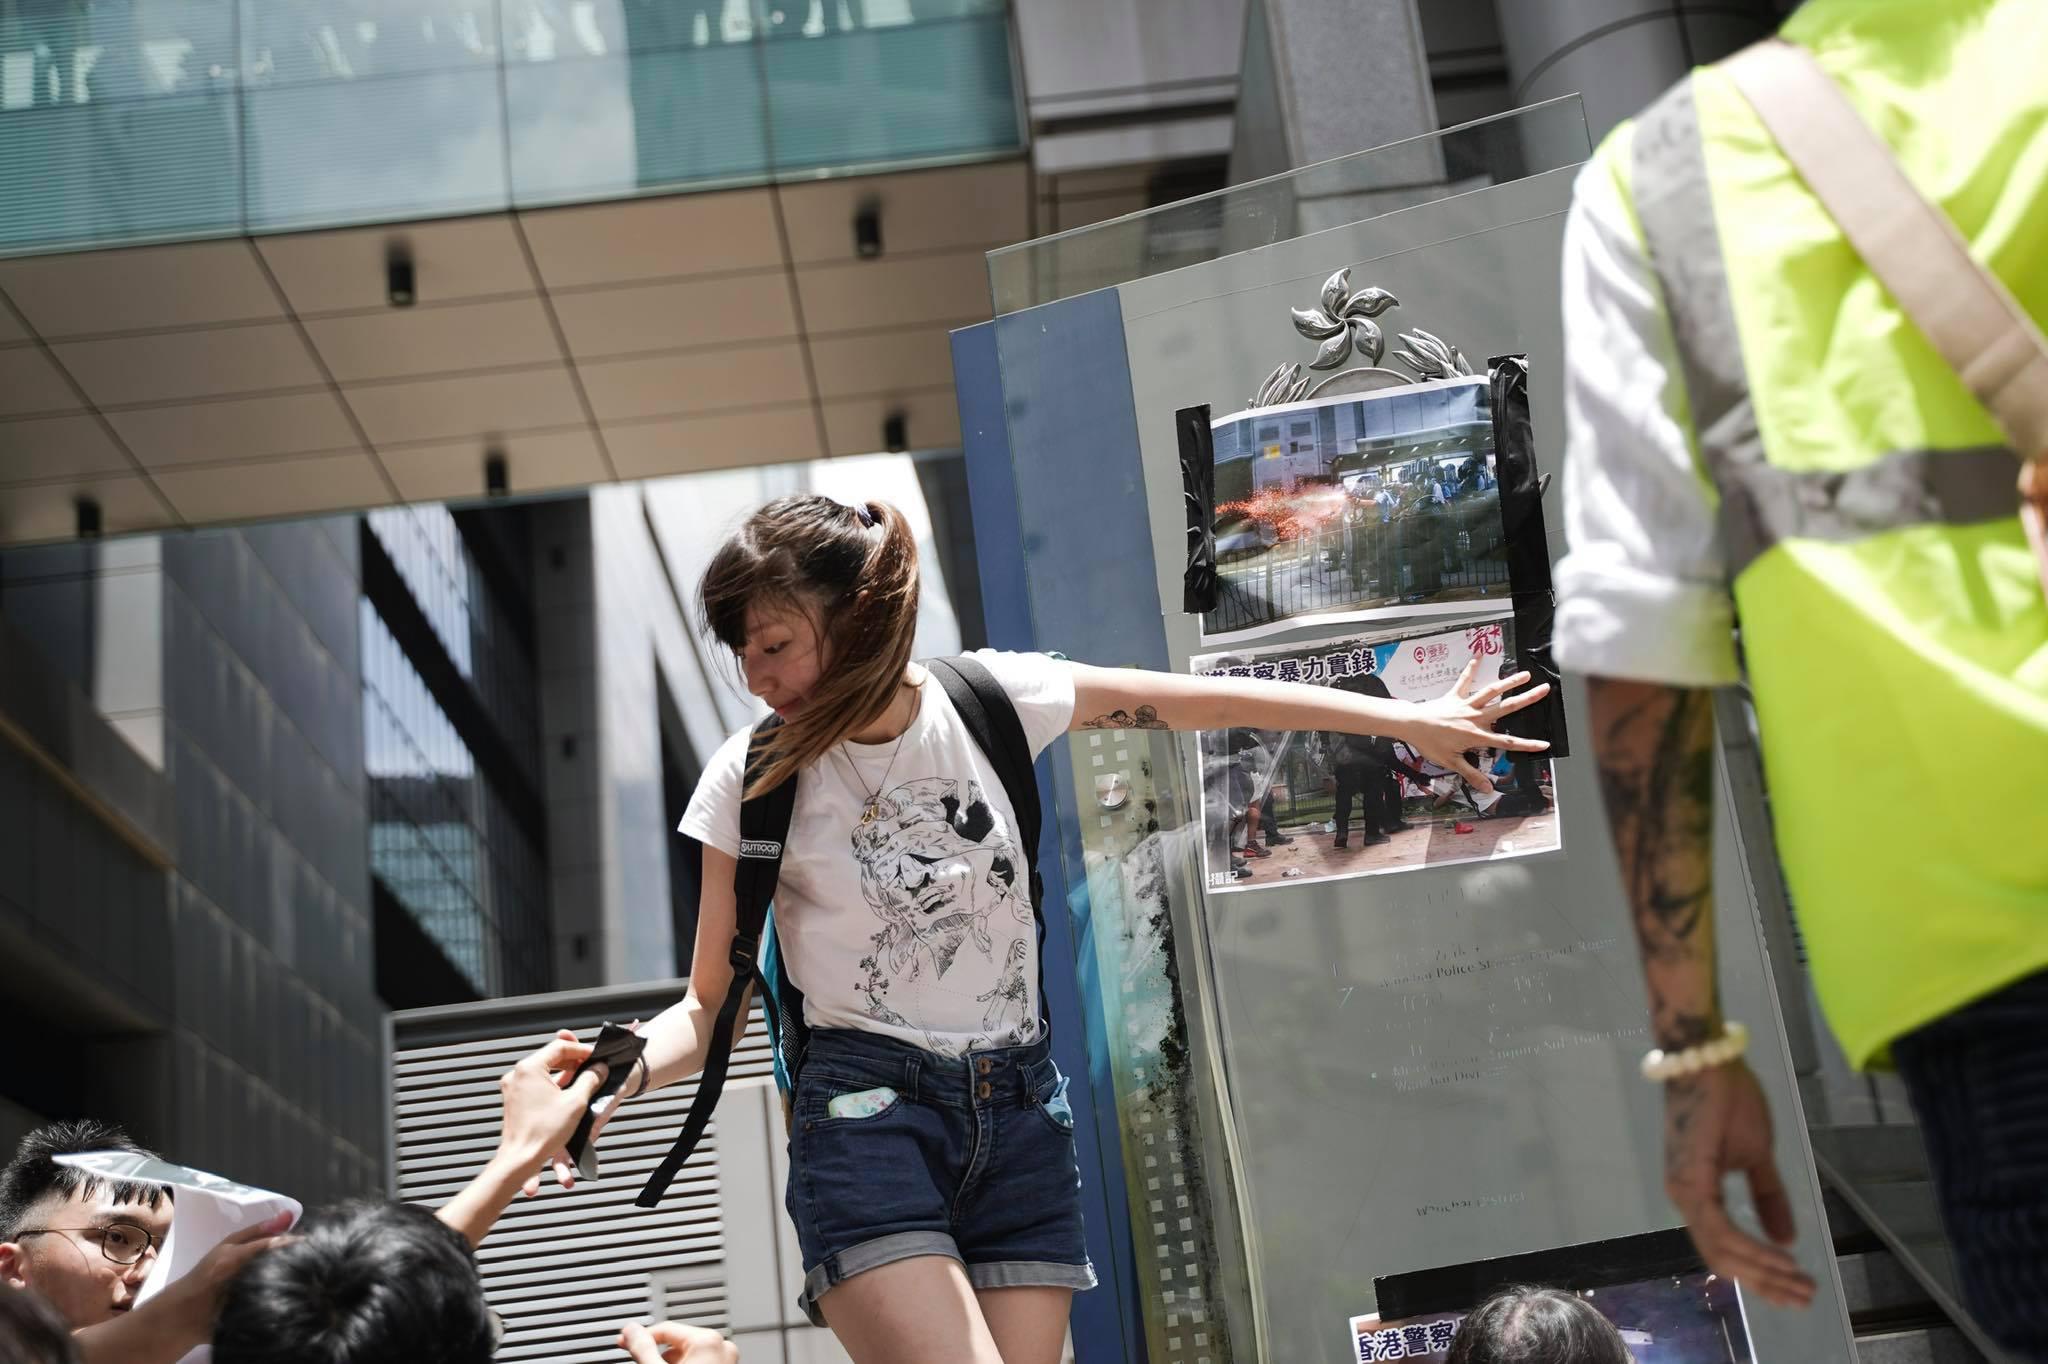 香港反《逃犯條例》修法大遊行登上國際媒體版面。圖片來源:黃之鋒 Joshua Wong/Facebook